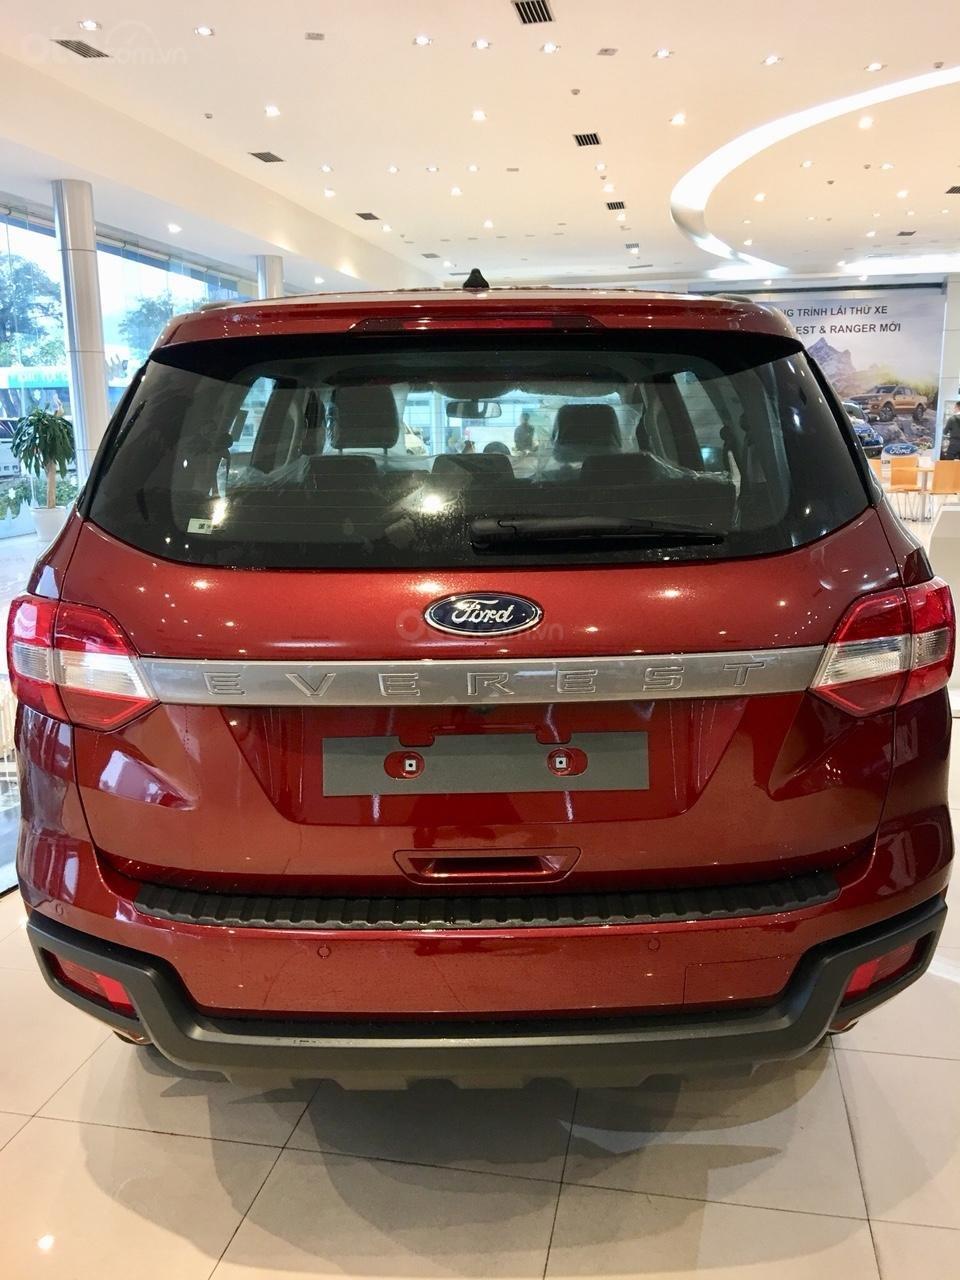 Bán xe Ford Everest  Ambiente MT năm sản xuất 2019, màu đỏ, xe nhập, giá 960tr (2)